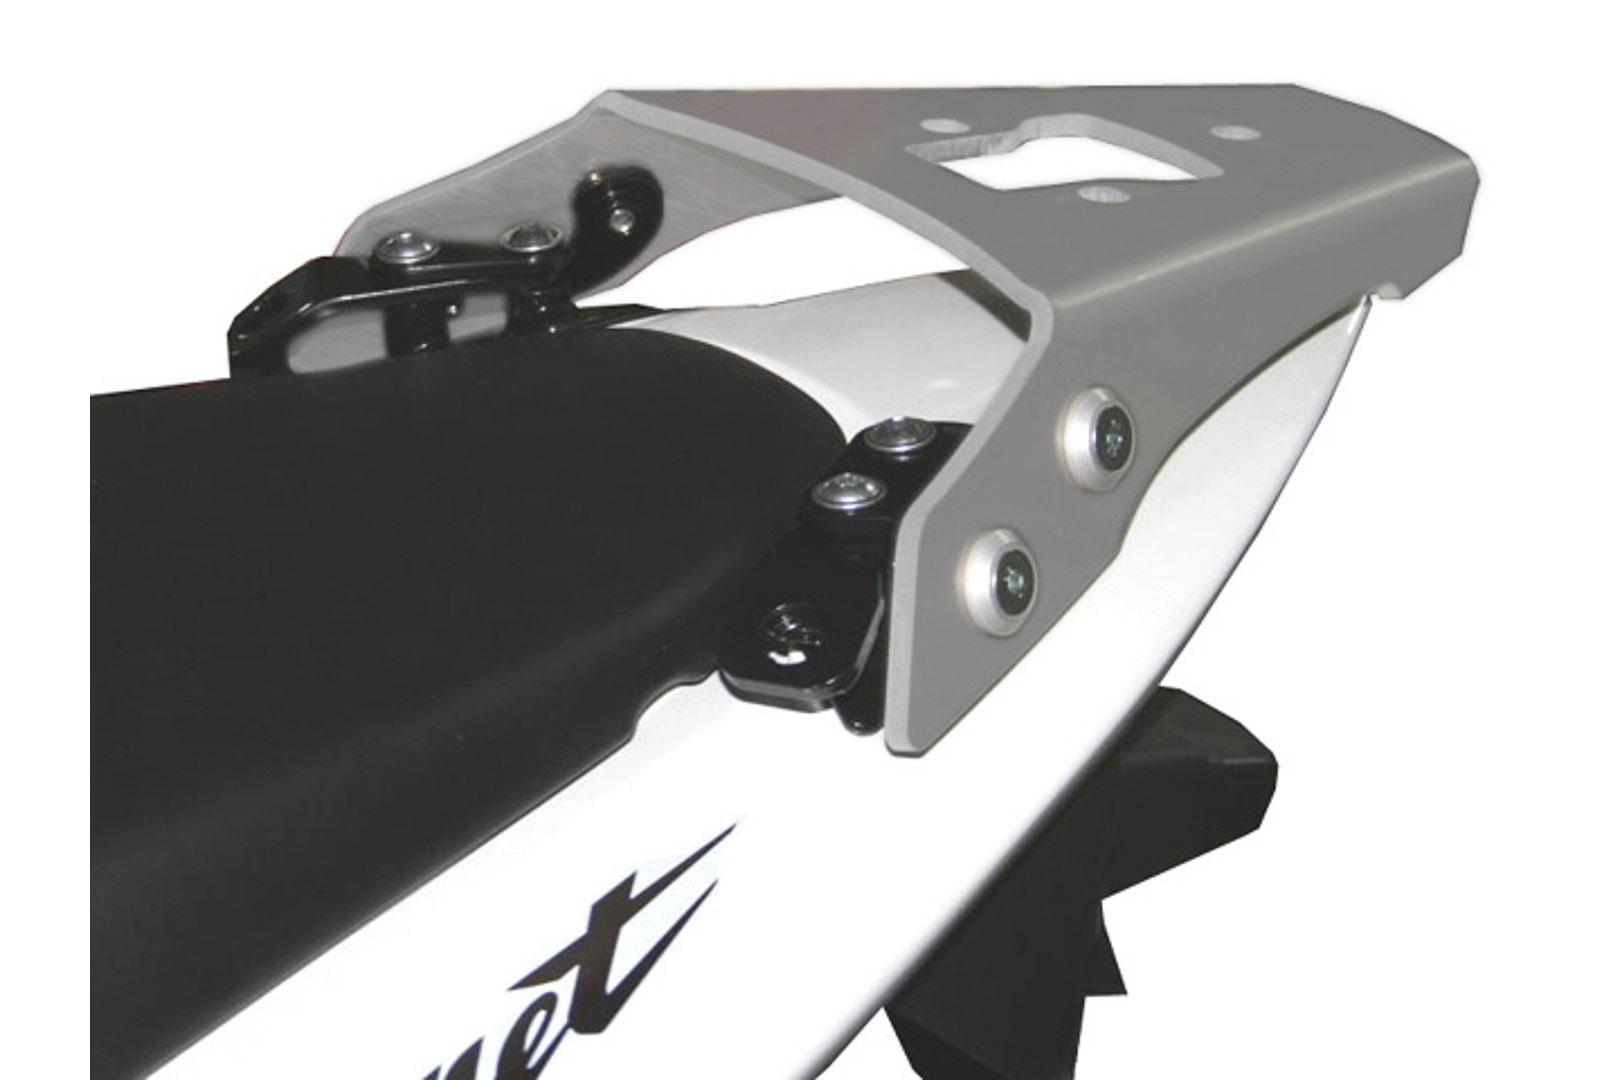 SW-Motech Alu-Rack peräteline Honda CB600 Hornet 98-06 hopea